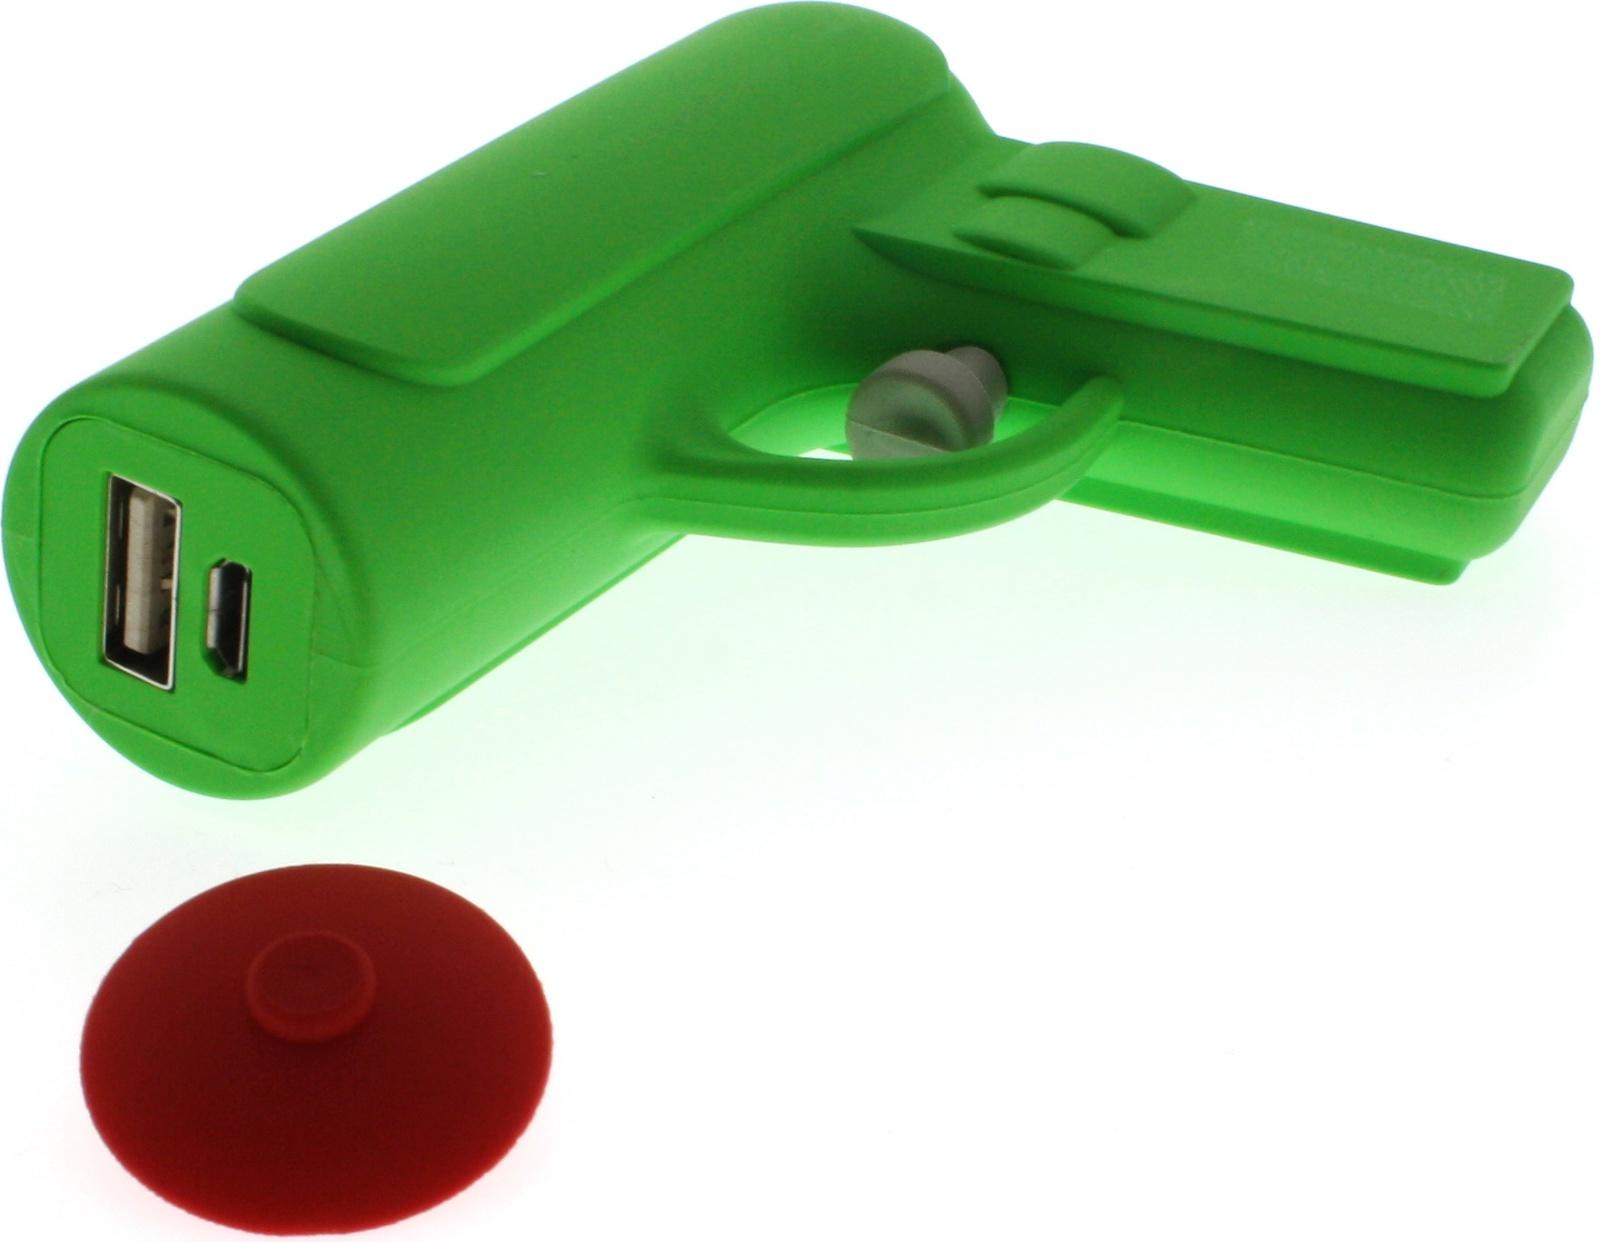 Фото - Внешний аккумулятор Mojipower Water Gun, MP001WG, зеленый внешний аккумулятор для